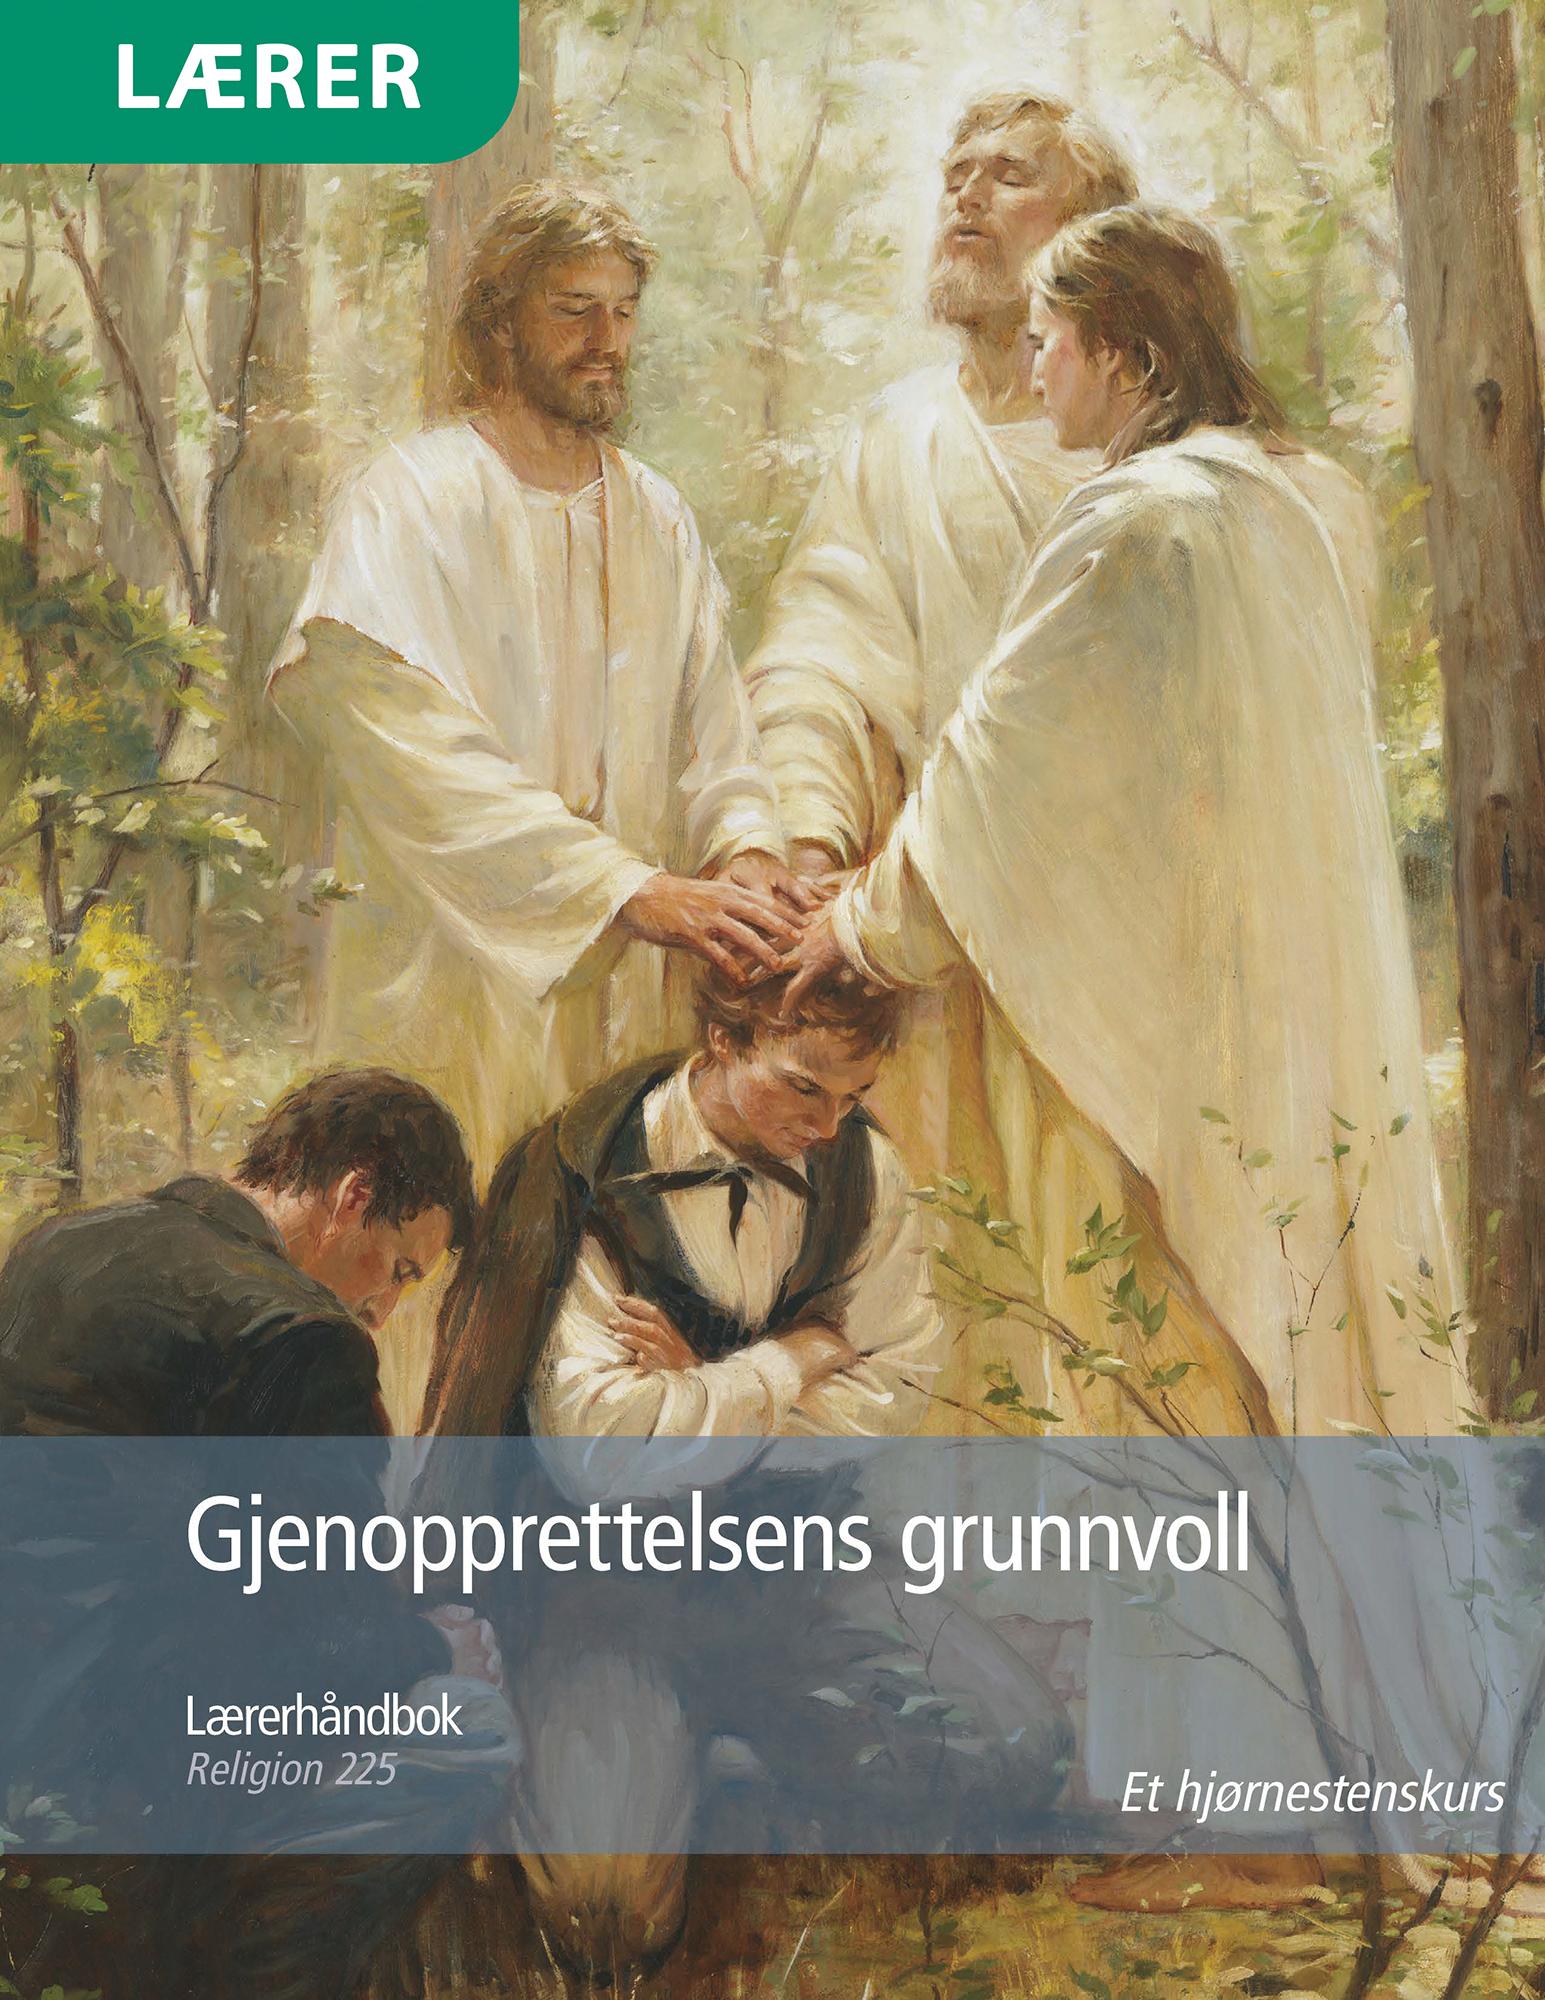 Gjenopprettelsens grunnvoll – Lærerhåndbok (Religion 225)